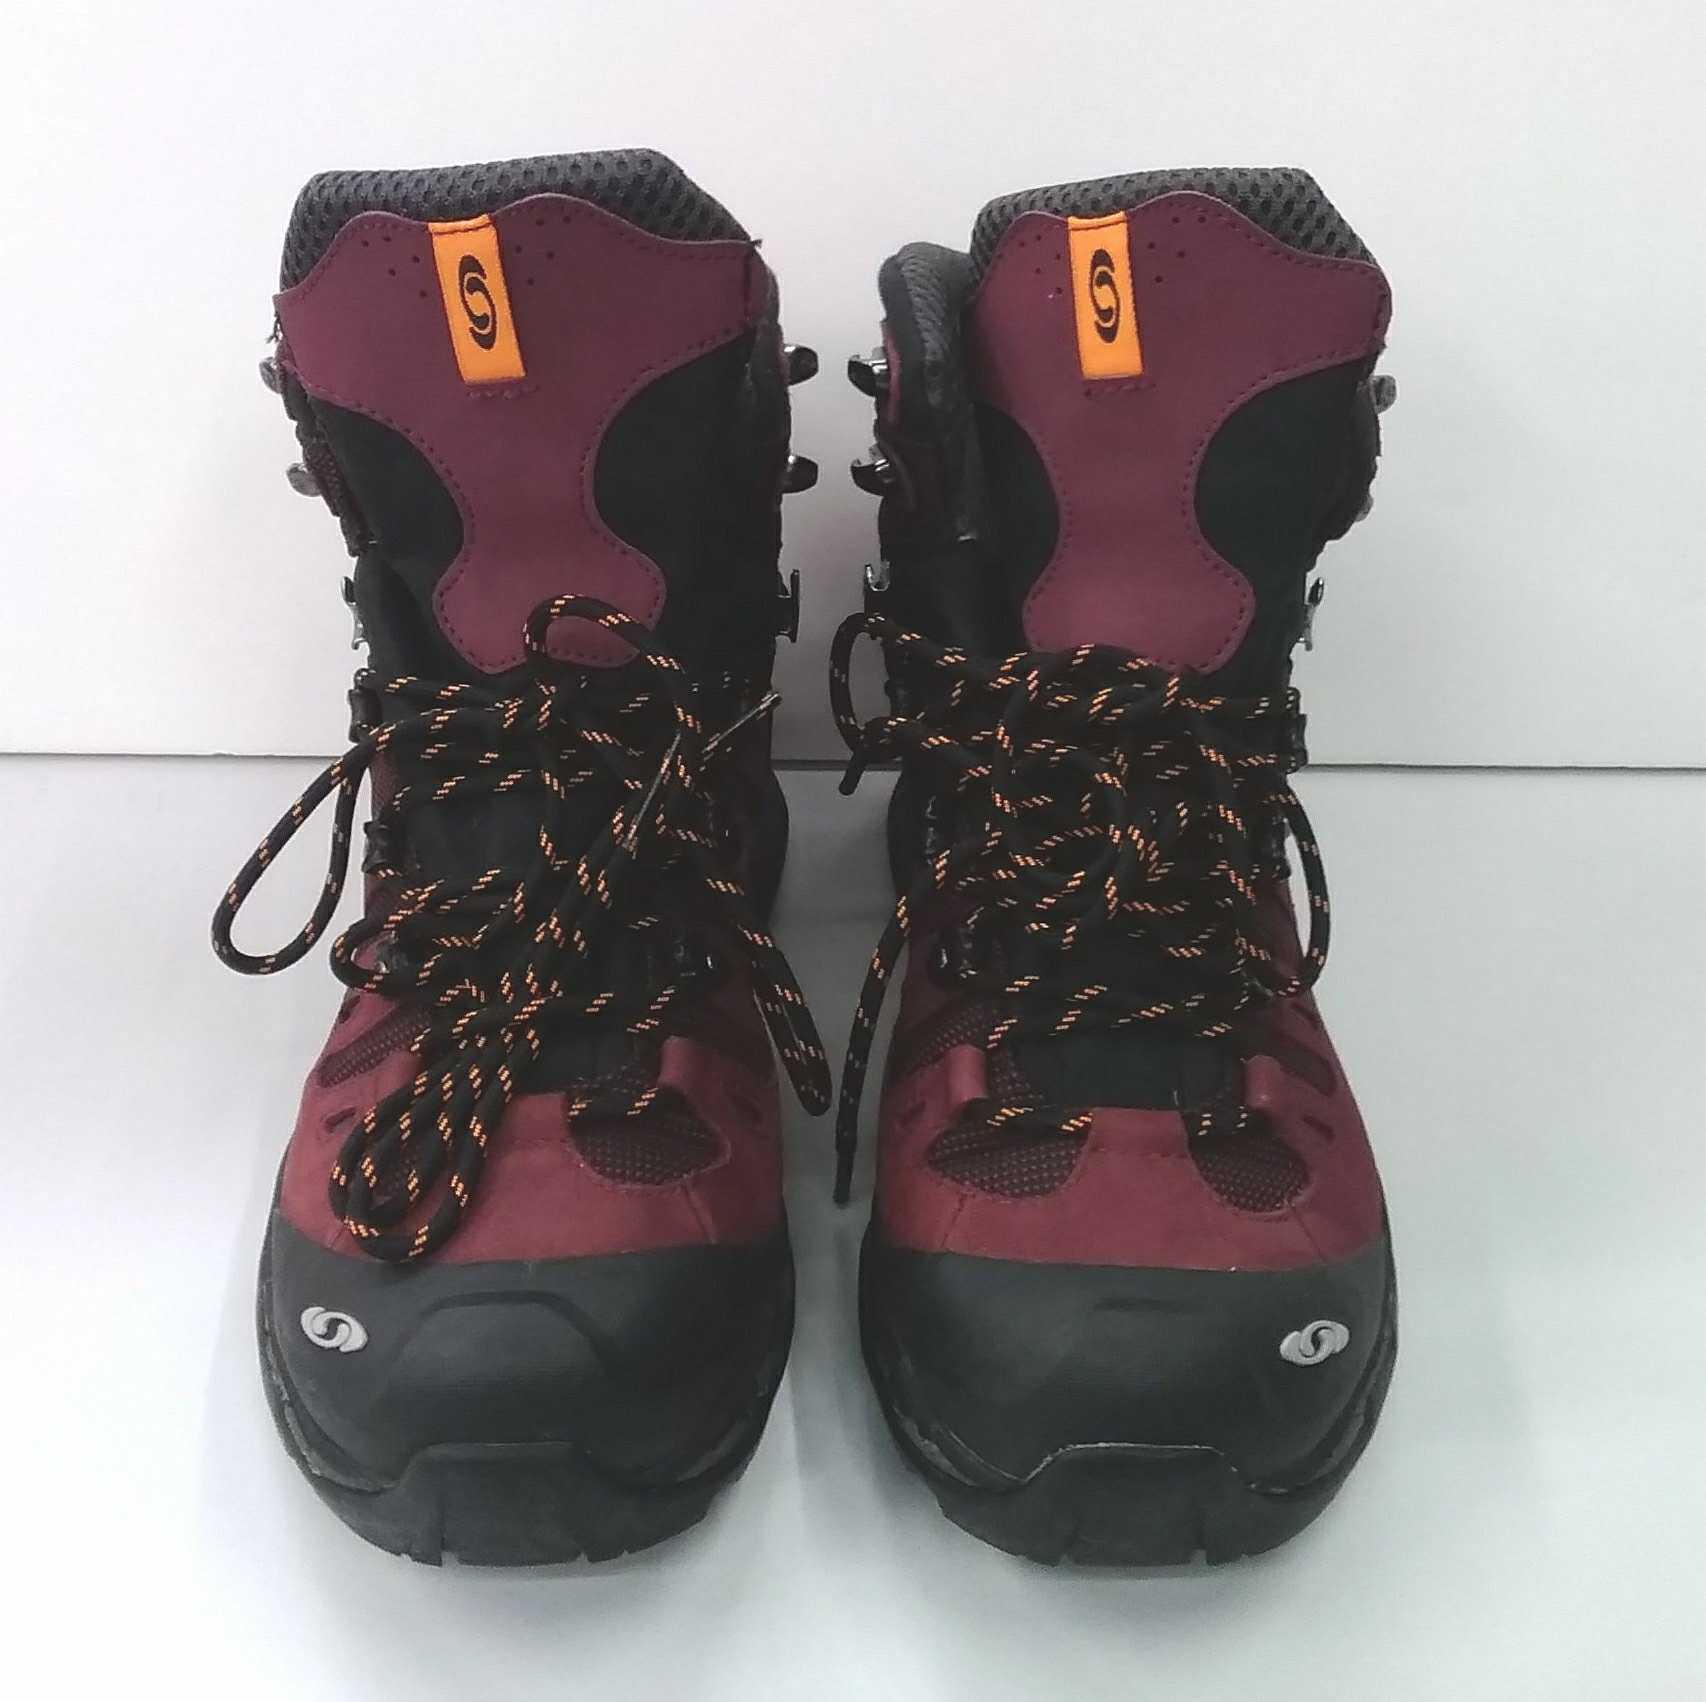 登山靴 SALOMON CONTAGRIP サイズ➡24.5cm SALOMON